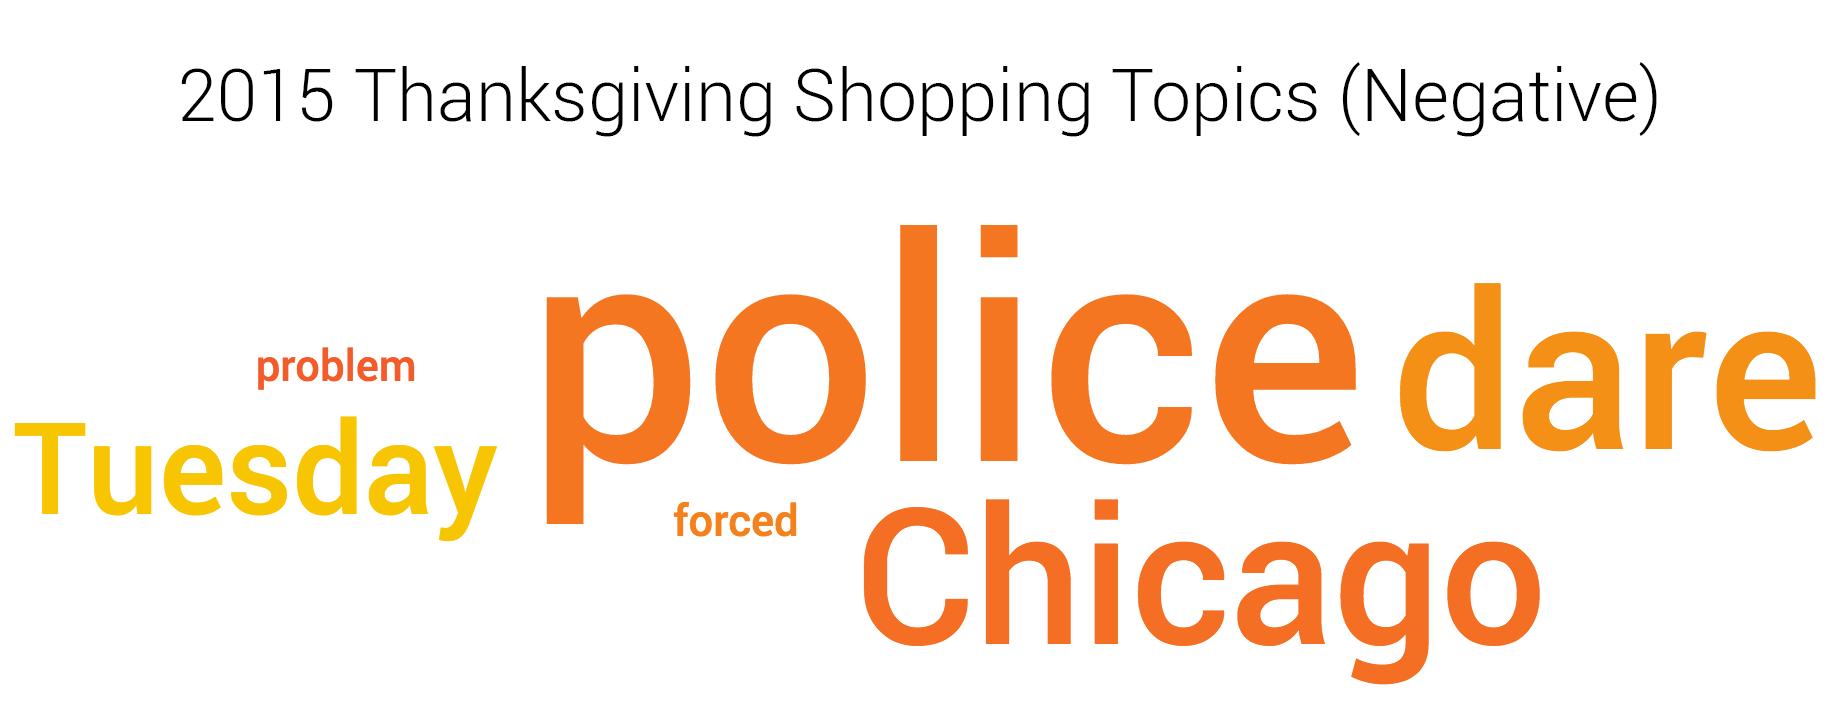 2015 black friday deals negative topics